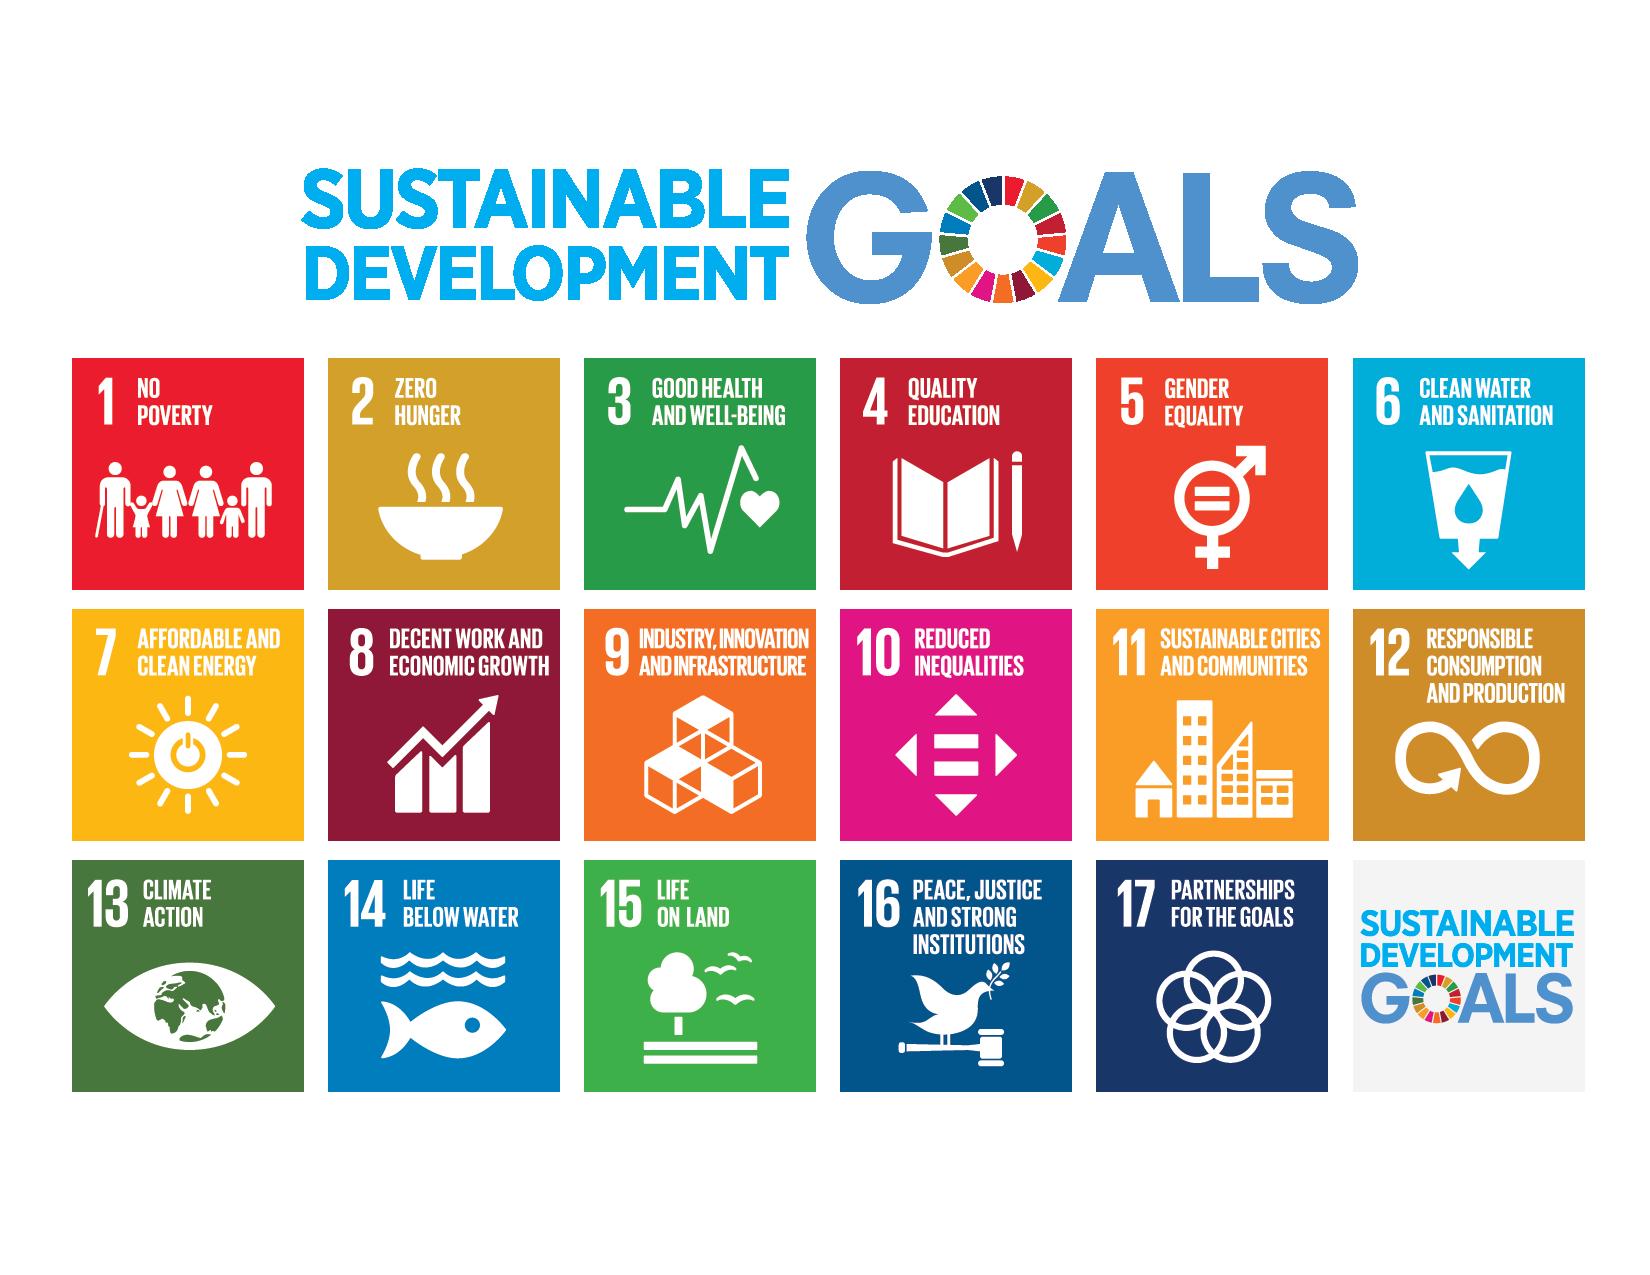 Icone dei 17 Obiettivi di Sviluppo Sostenibile (SDGs), Agenda 2030